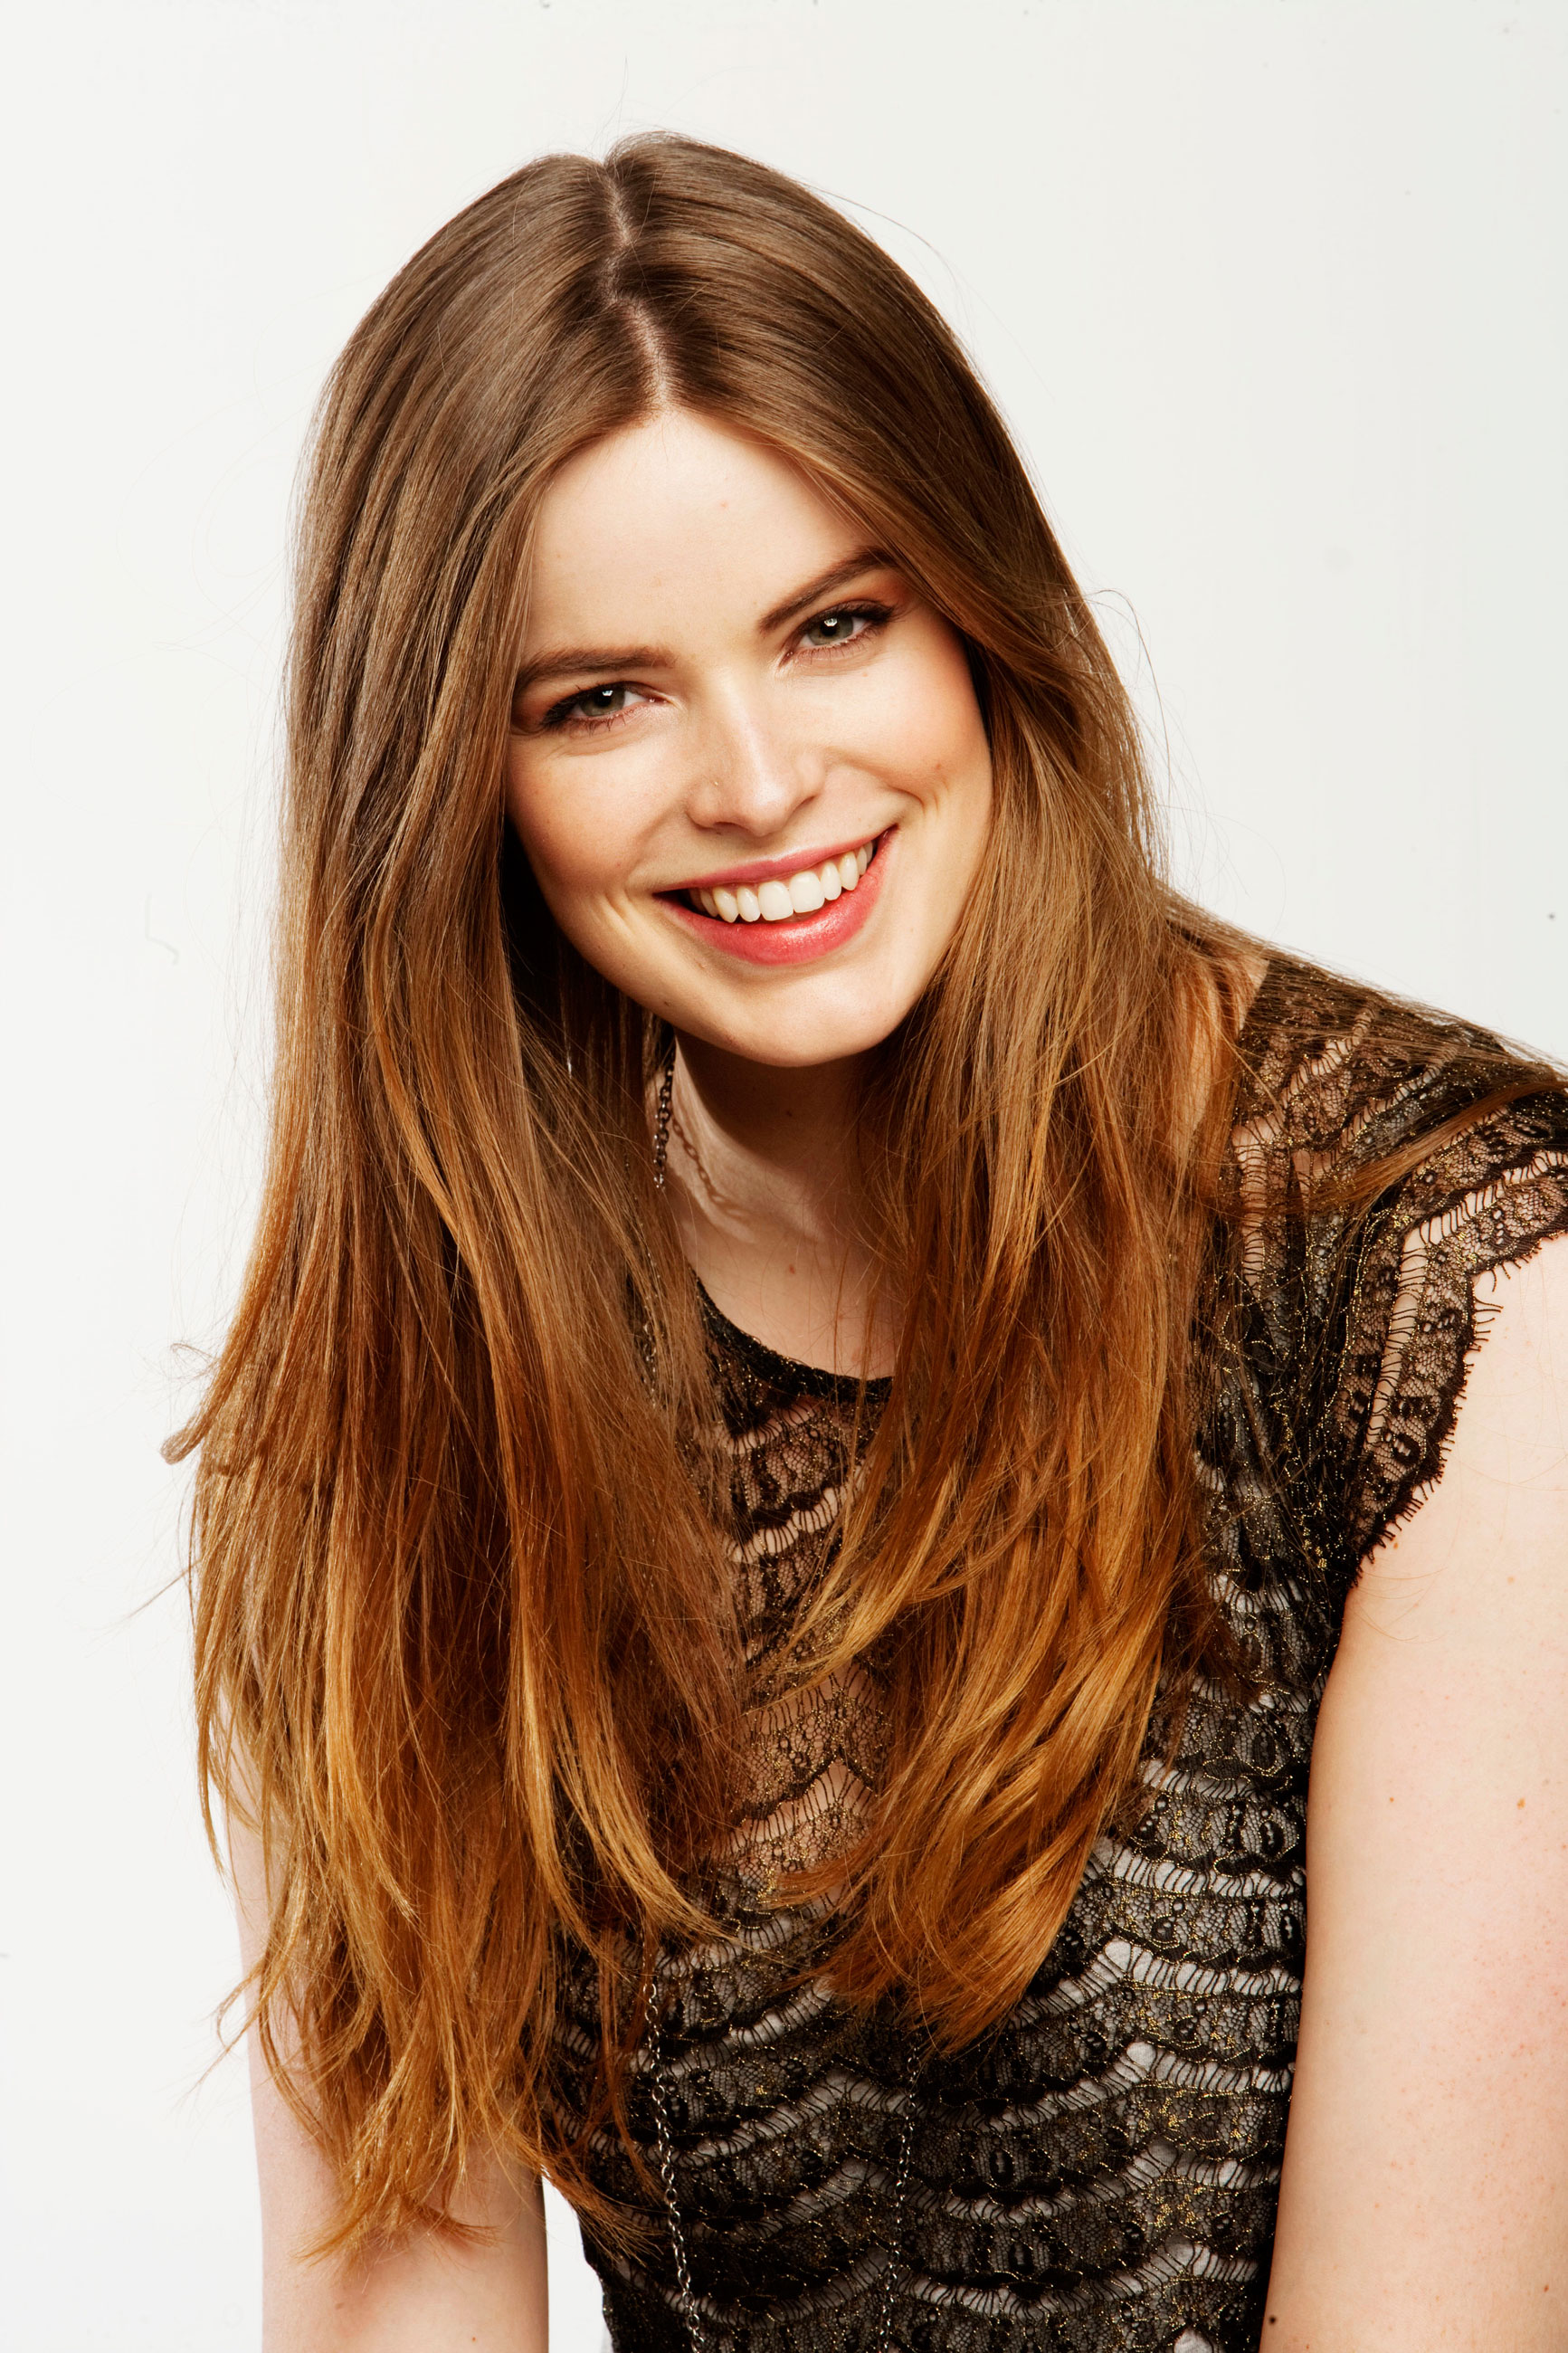 Robyn Lawley | plus-size model